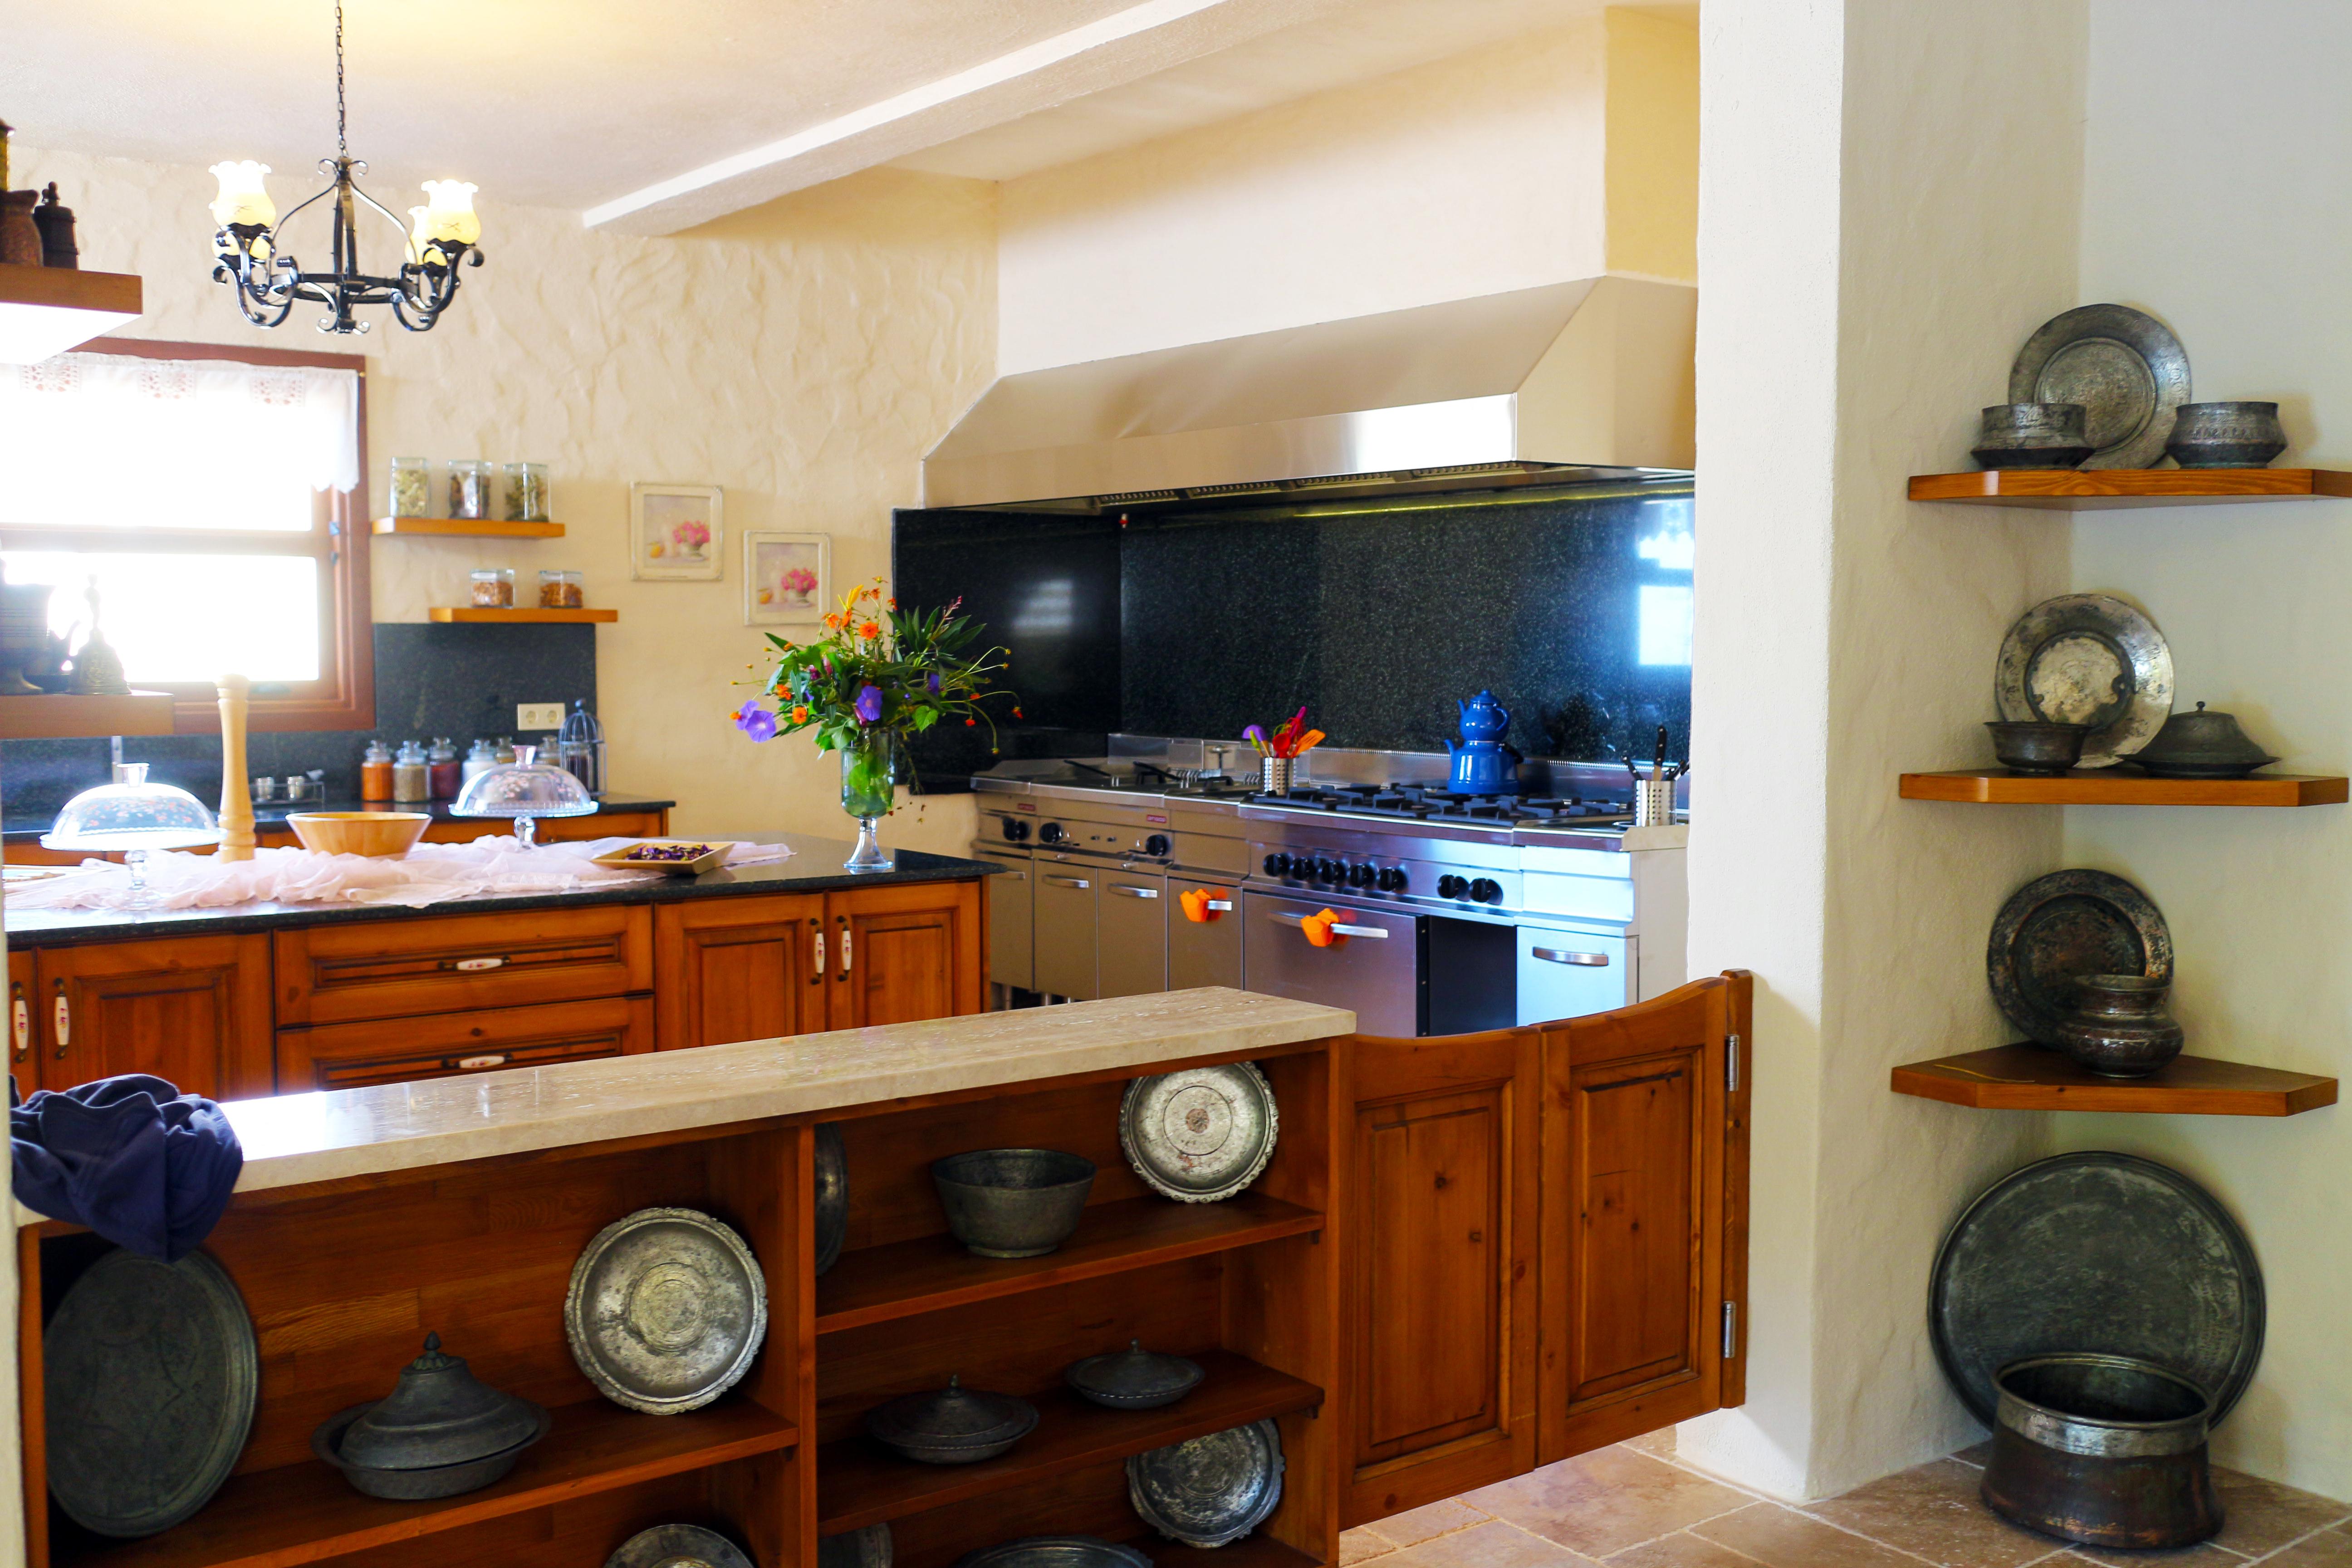 Appartement de vacances Luxuriöse Unterkunft und persönliches Ambiente in unzerstörter Natur. (2636883), Fethiye, , Région Egéenne, Turquie, image 7